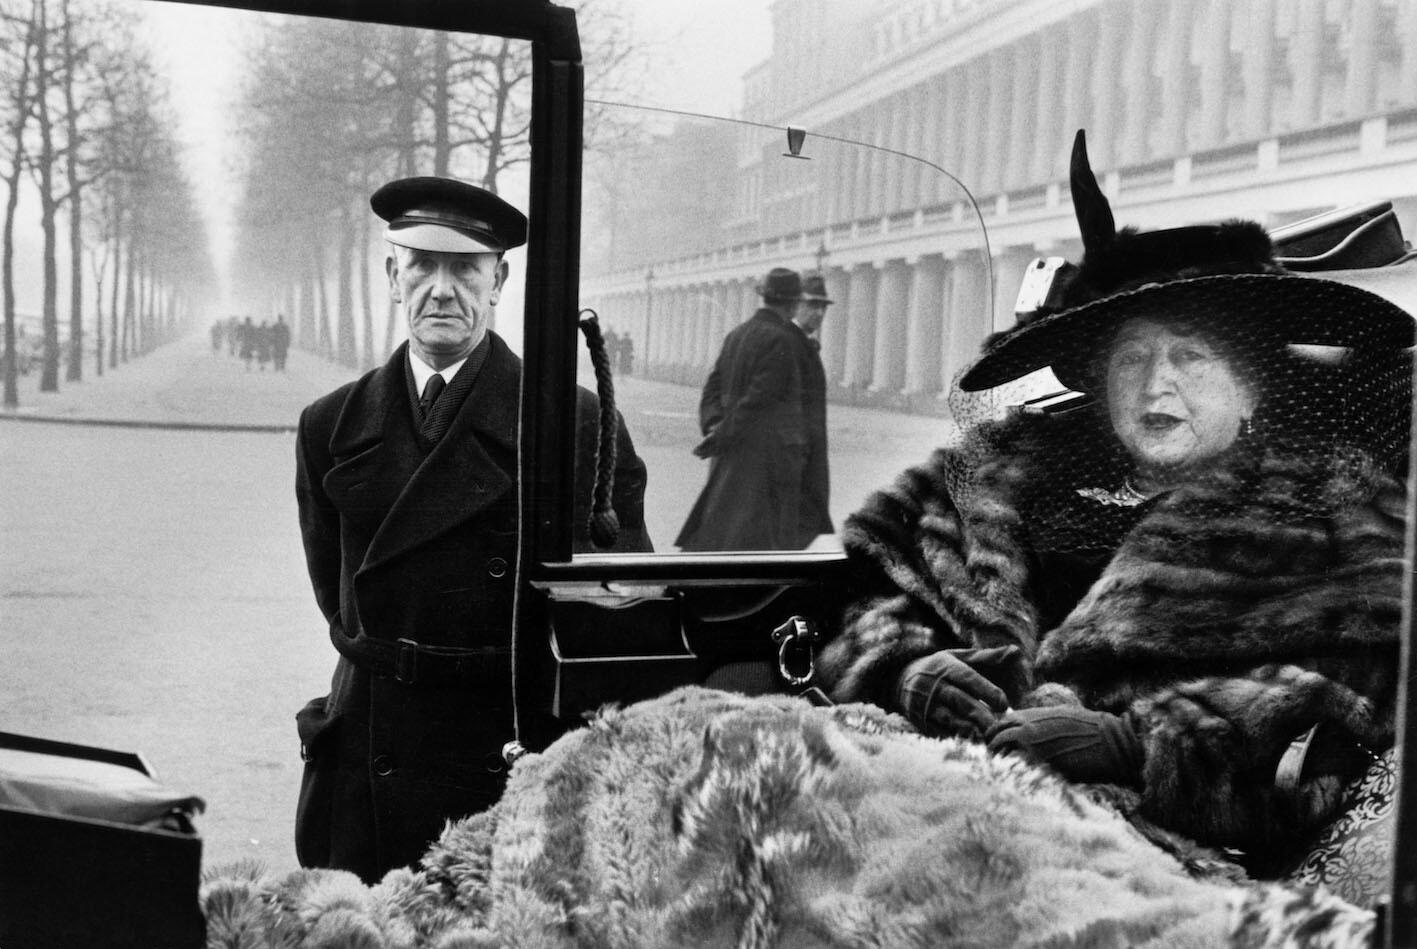 Эвелин Нэш в торговом центре Букингемского дворца, Великобритания, Лондон, 1953 год. Фотограф Инге Морат